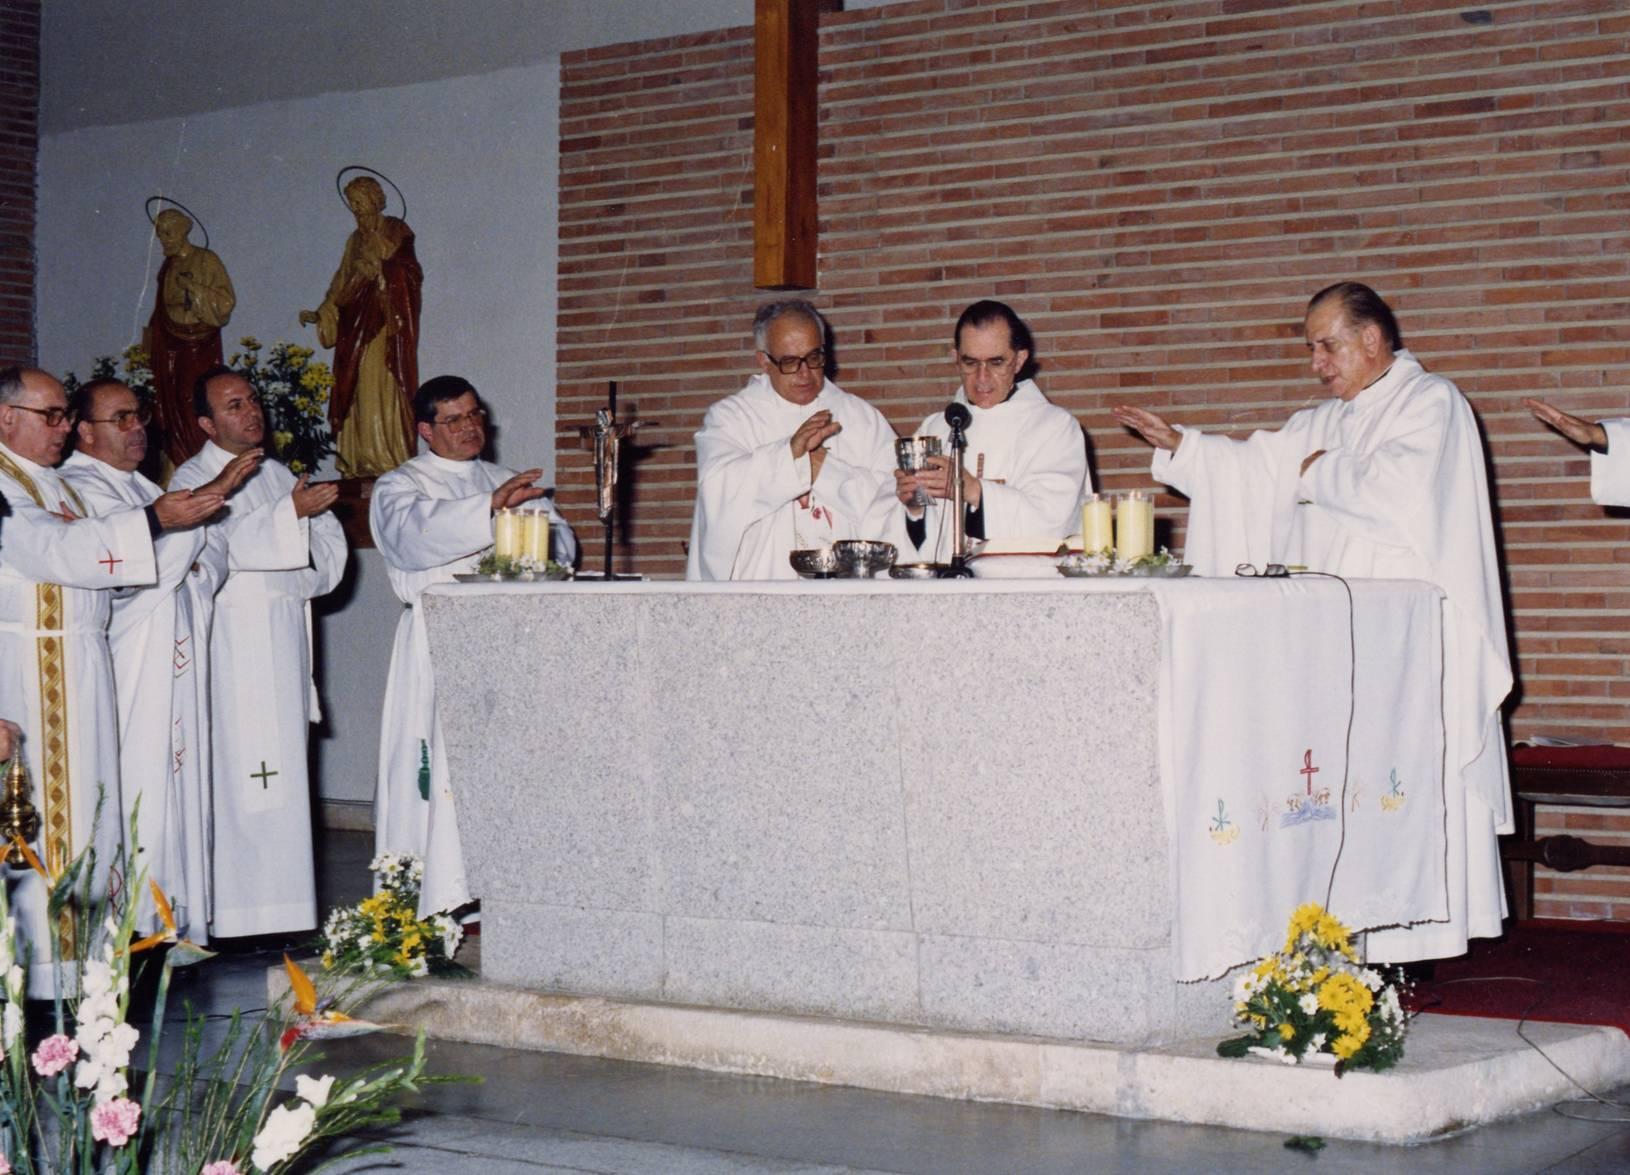 Funeral del Siervo de Dios en la parroquia de San Pedro y San Pablo en Coslada, Madrid. 6 DE NOVIEMBRE DE 1991